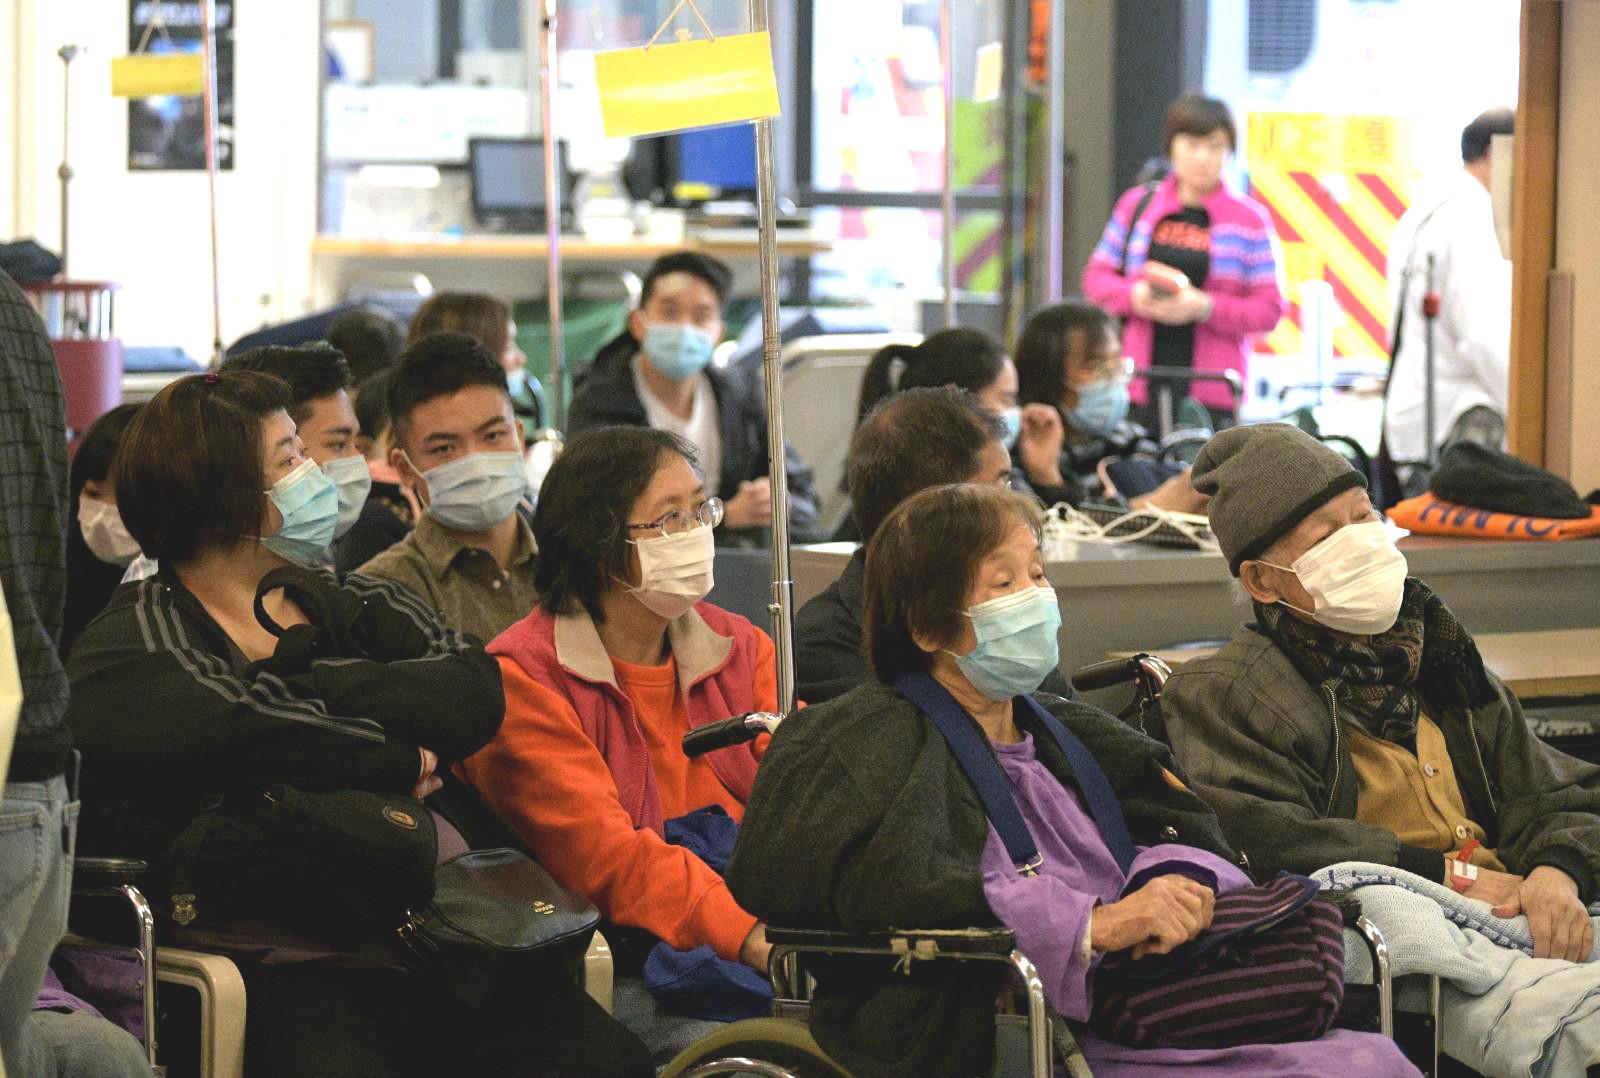 【新冠肺炎】防护中心:世衞评估感染或与接触动物有关